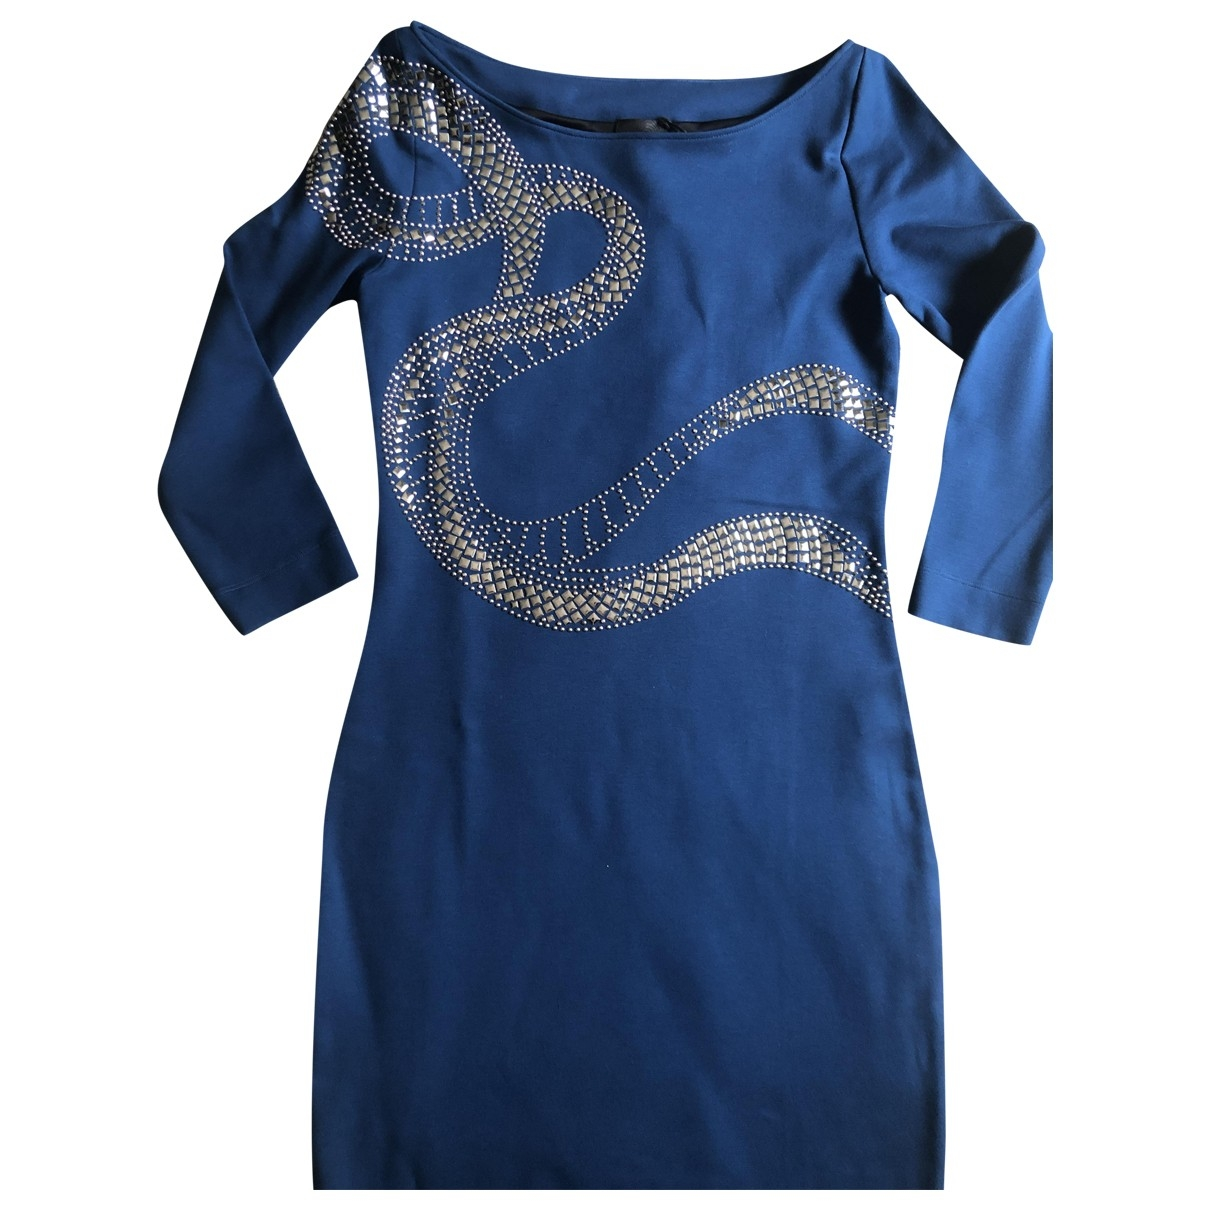 Just Cavalli \N Kleid in  Blau Viskose